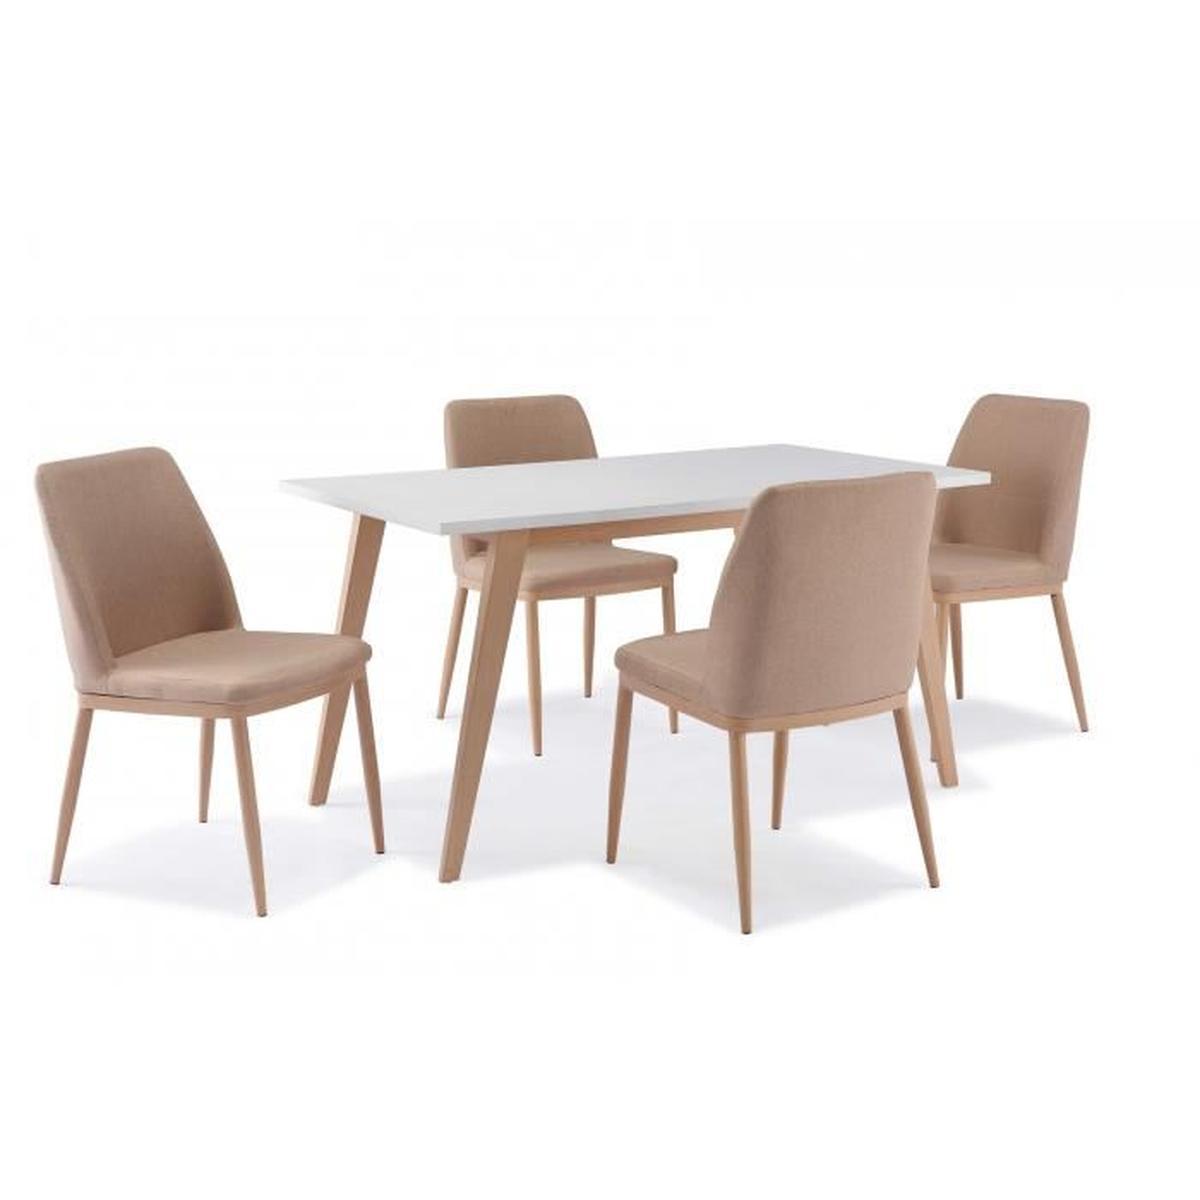 Et Chaise Et Chaise Table Scandinave Table Cuisine c54S3ARLjq